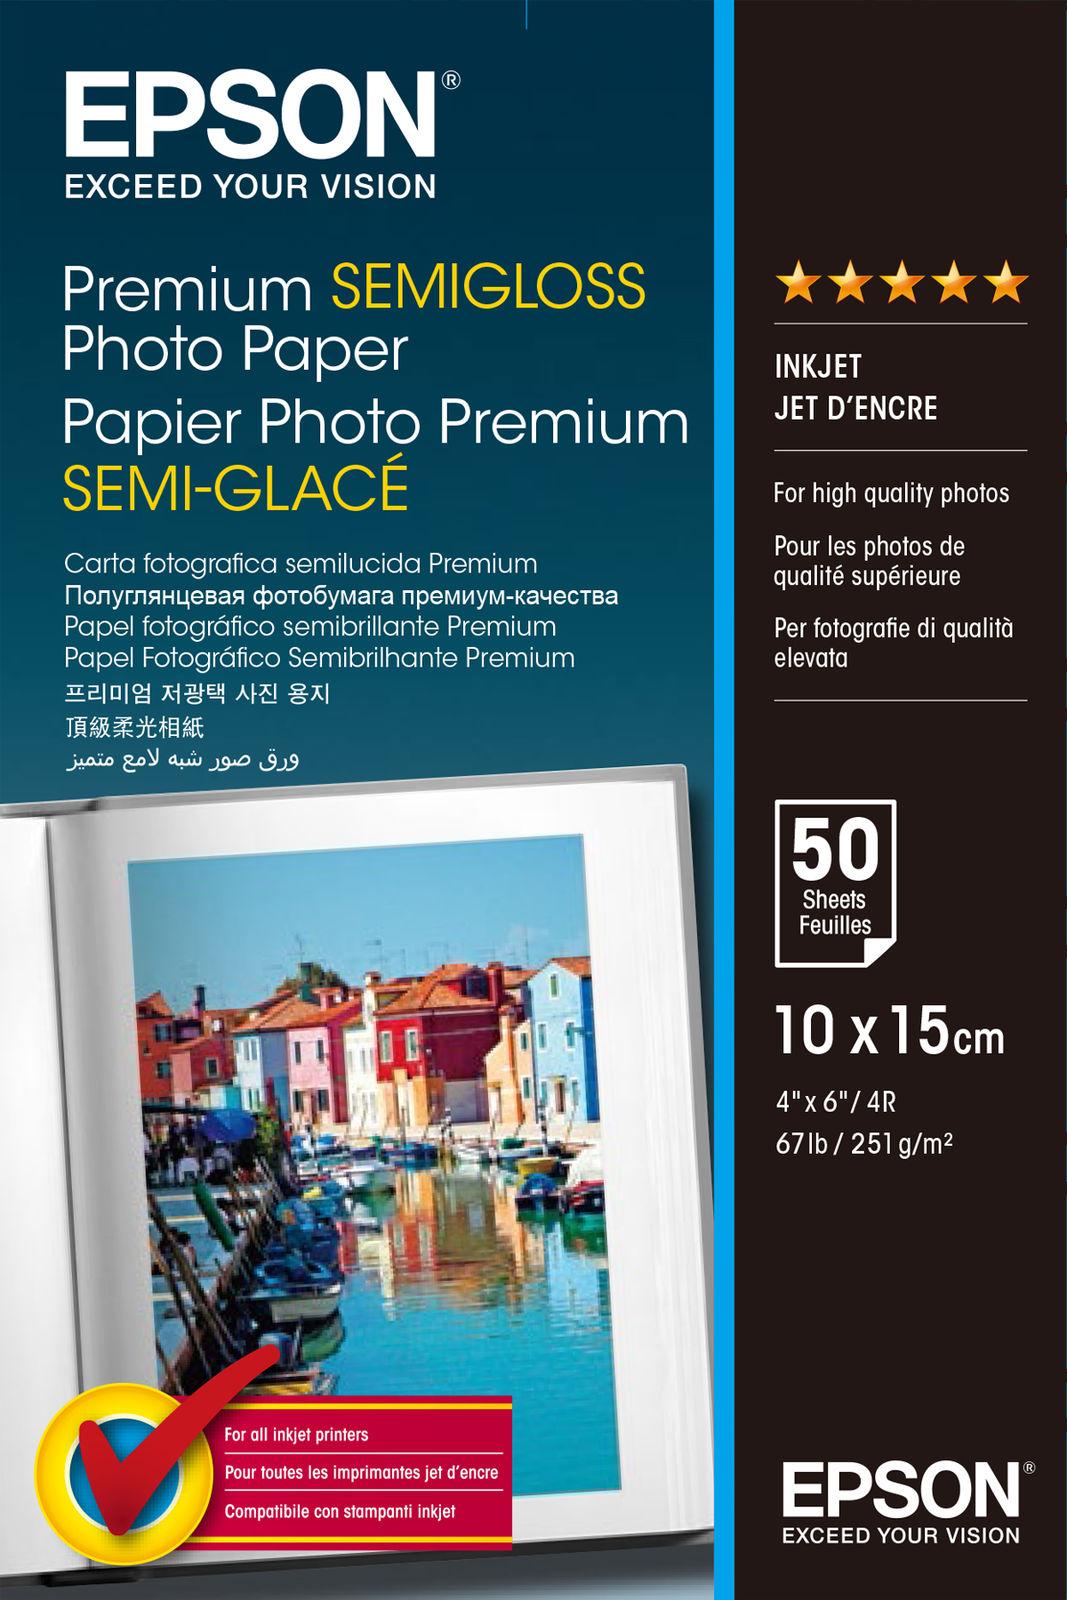 Epson Premium Semi-Gloss Photo Paper - 10x15cm - 50 Sheets